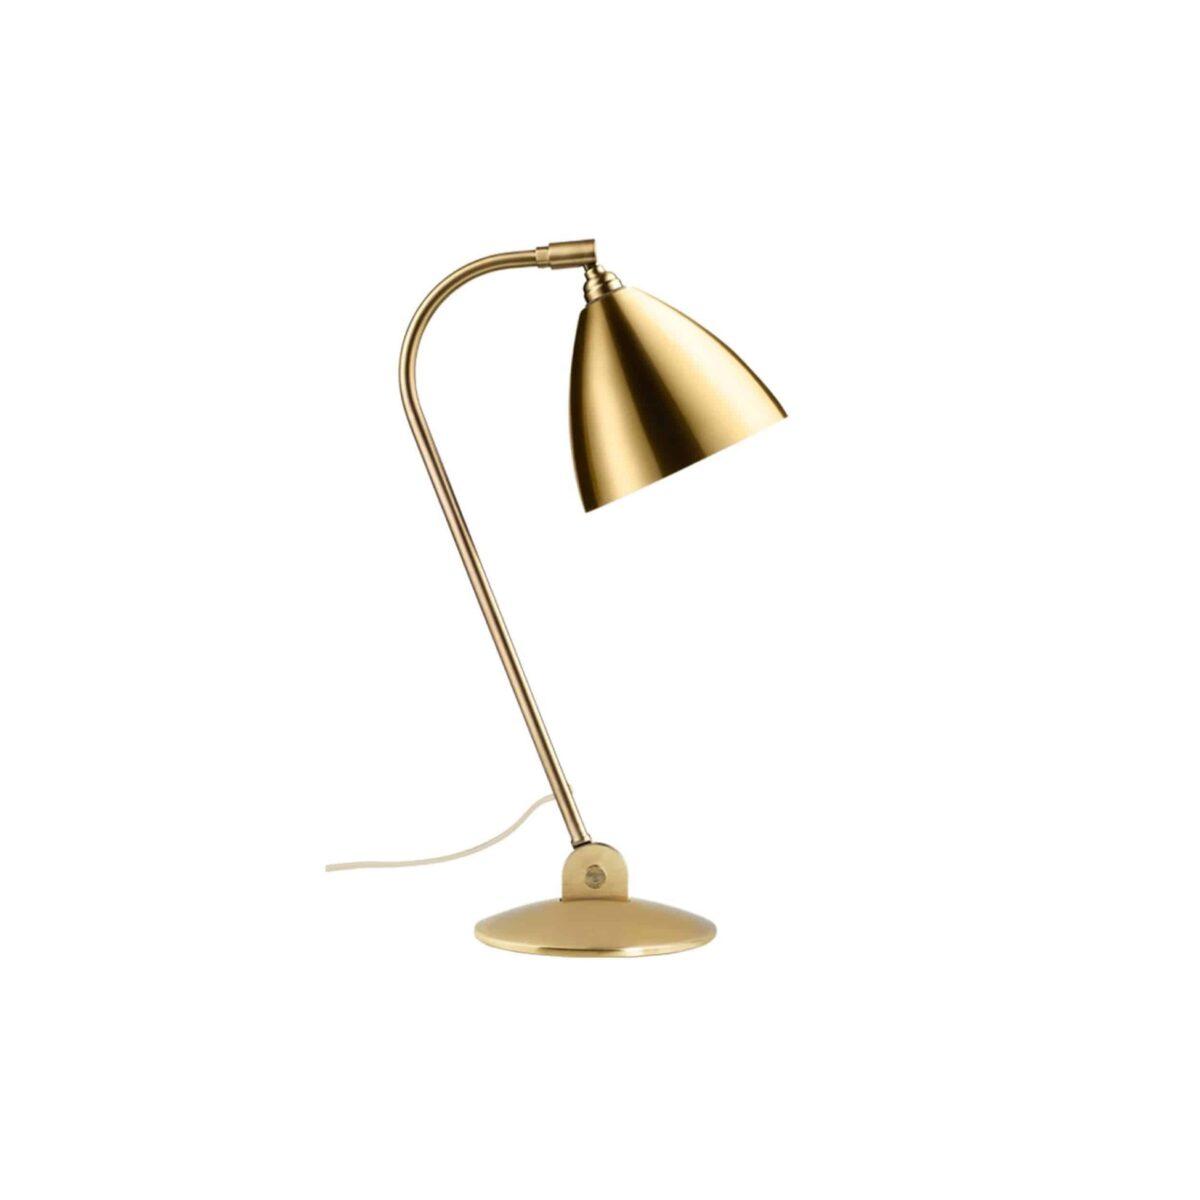 gubi-bestlite-bl2-table-lamp-brass-001